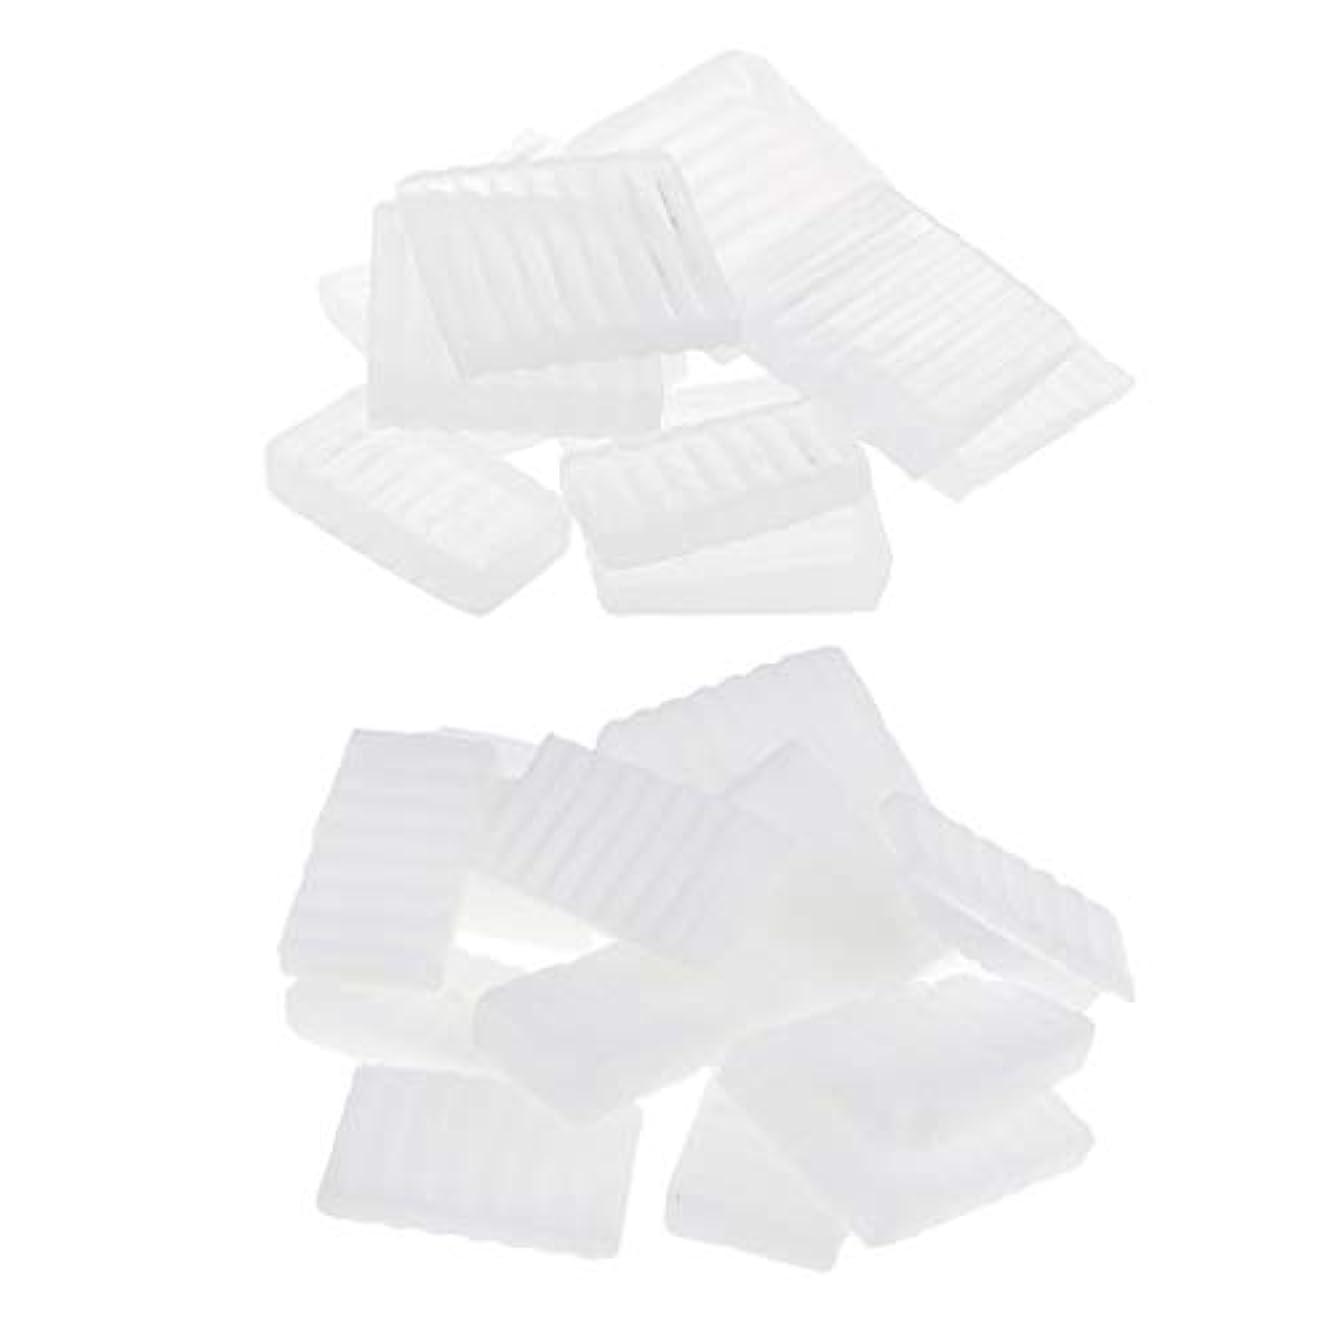 私のマングル注入D DOLITY 石鹸作り 1000g 白色 石鹸ベース DIY ハンドメイド 石鹸材料